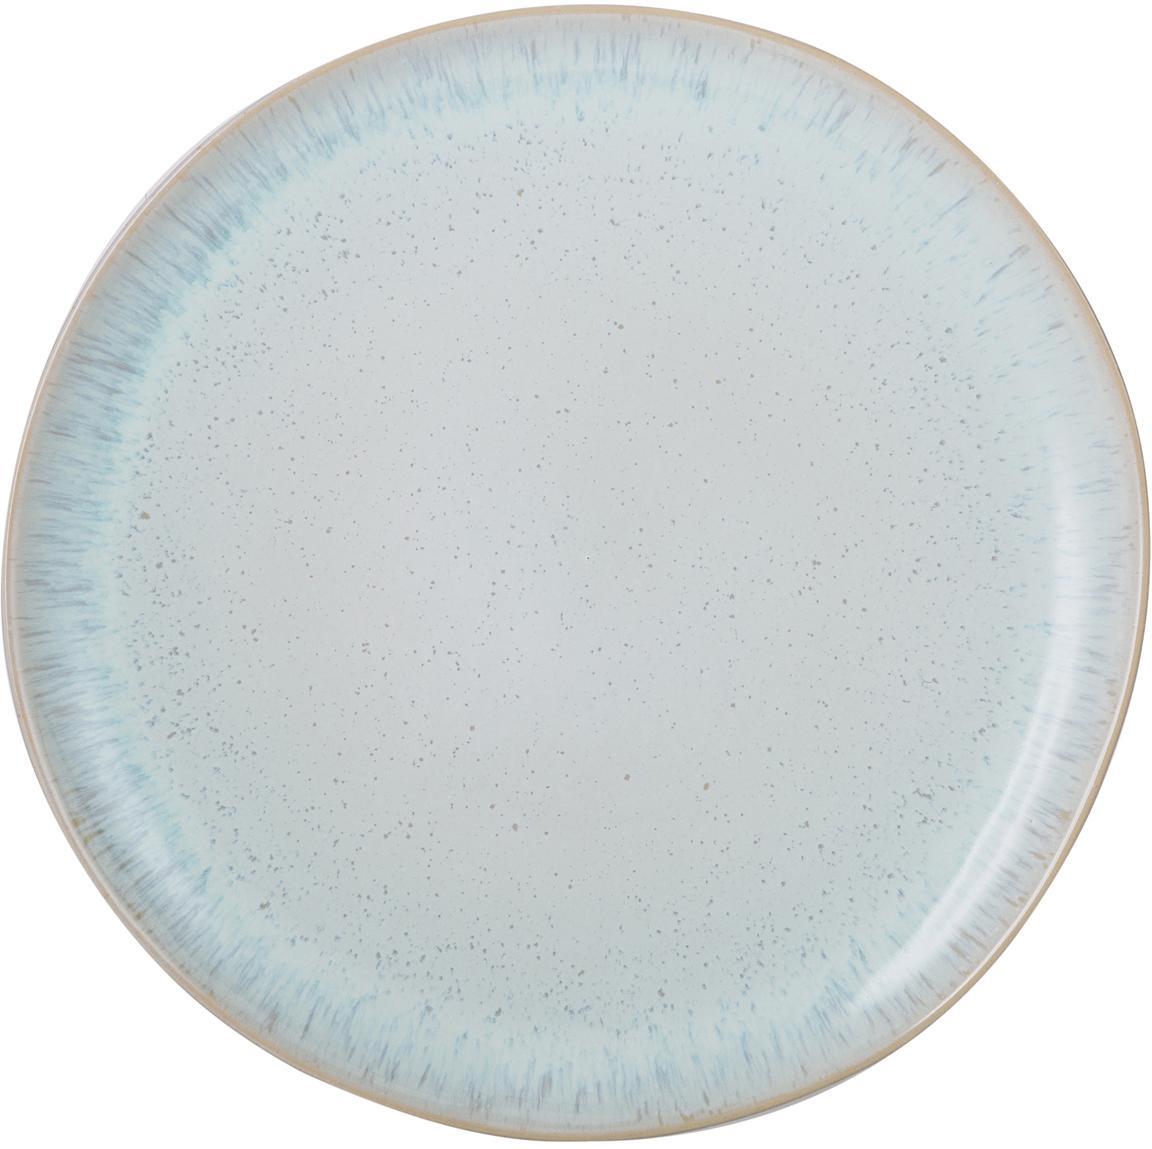 Handgeschilderd dinerbord Areia, Keramiek, Lichtblauw, gebroken wit, lichtbeige, Ø 28 cm